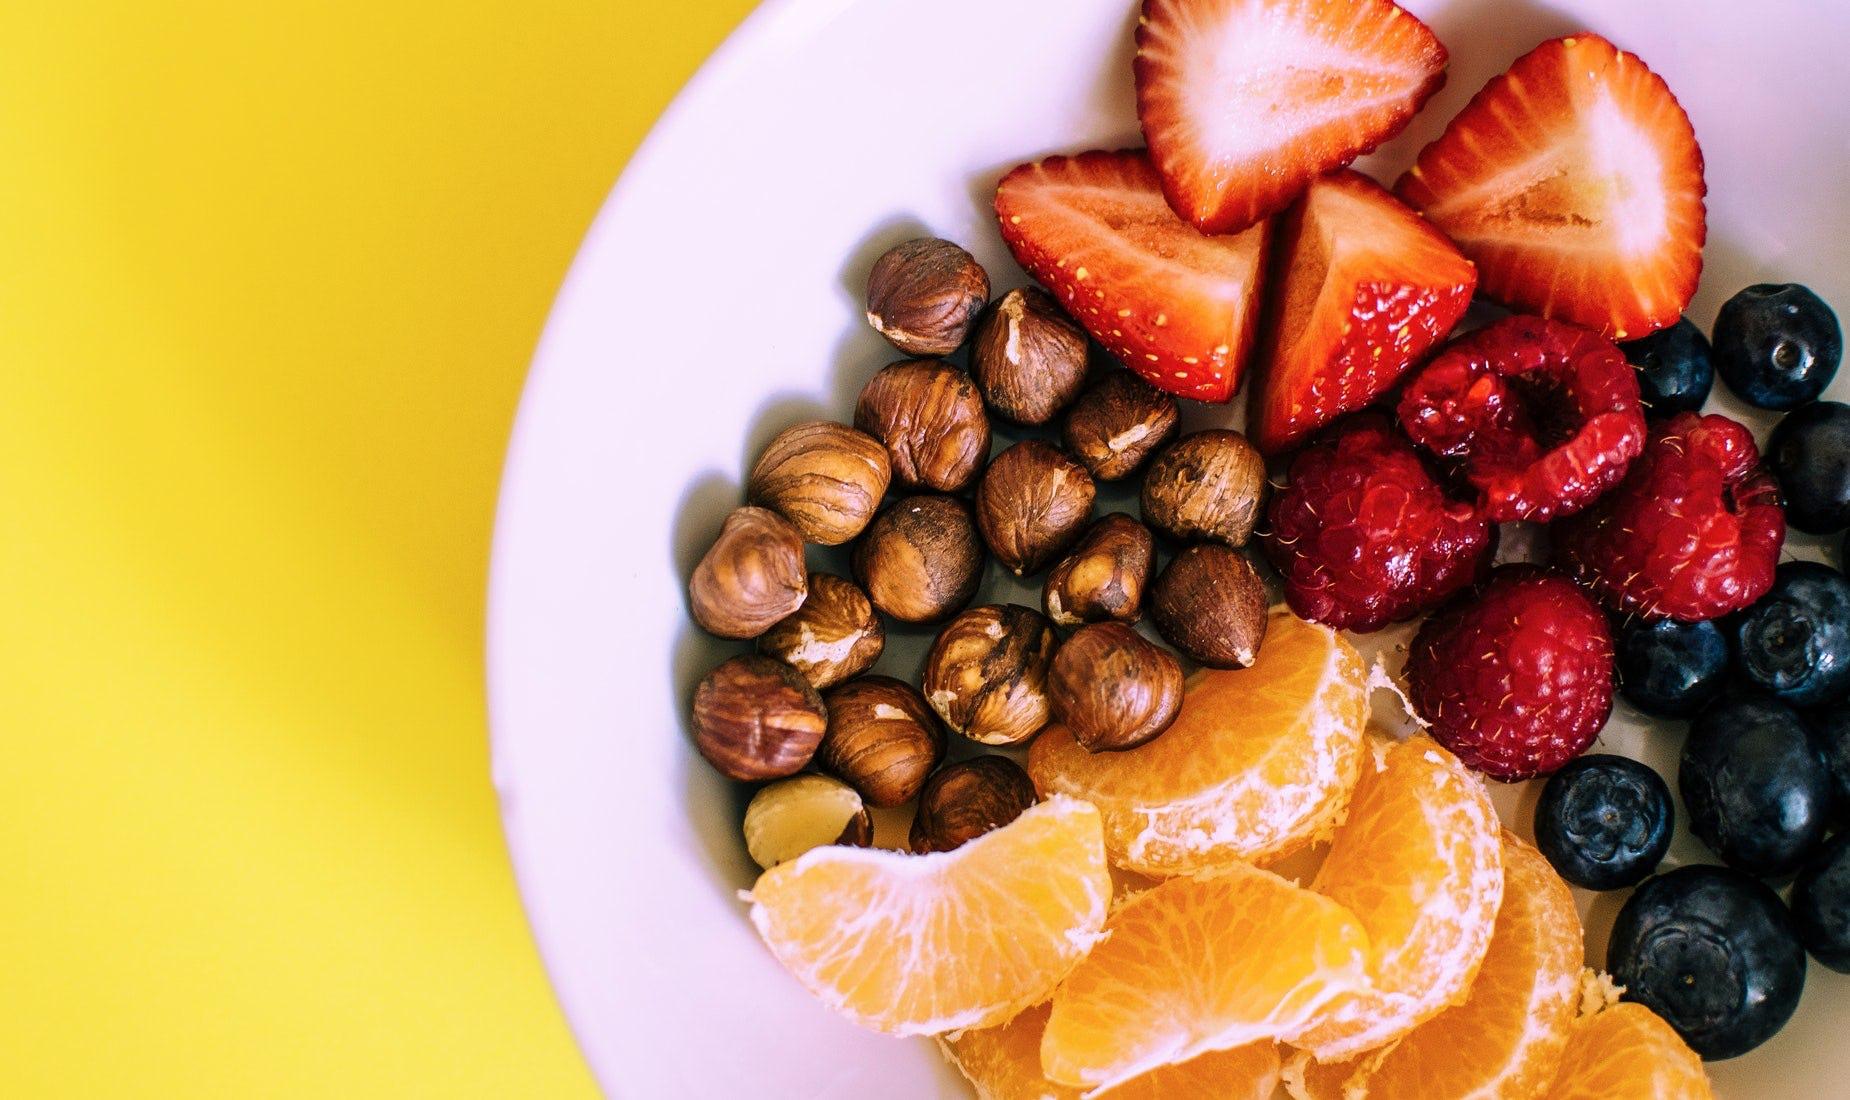 nuts, strawberries, blueberries, nuts, mandarins